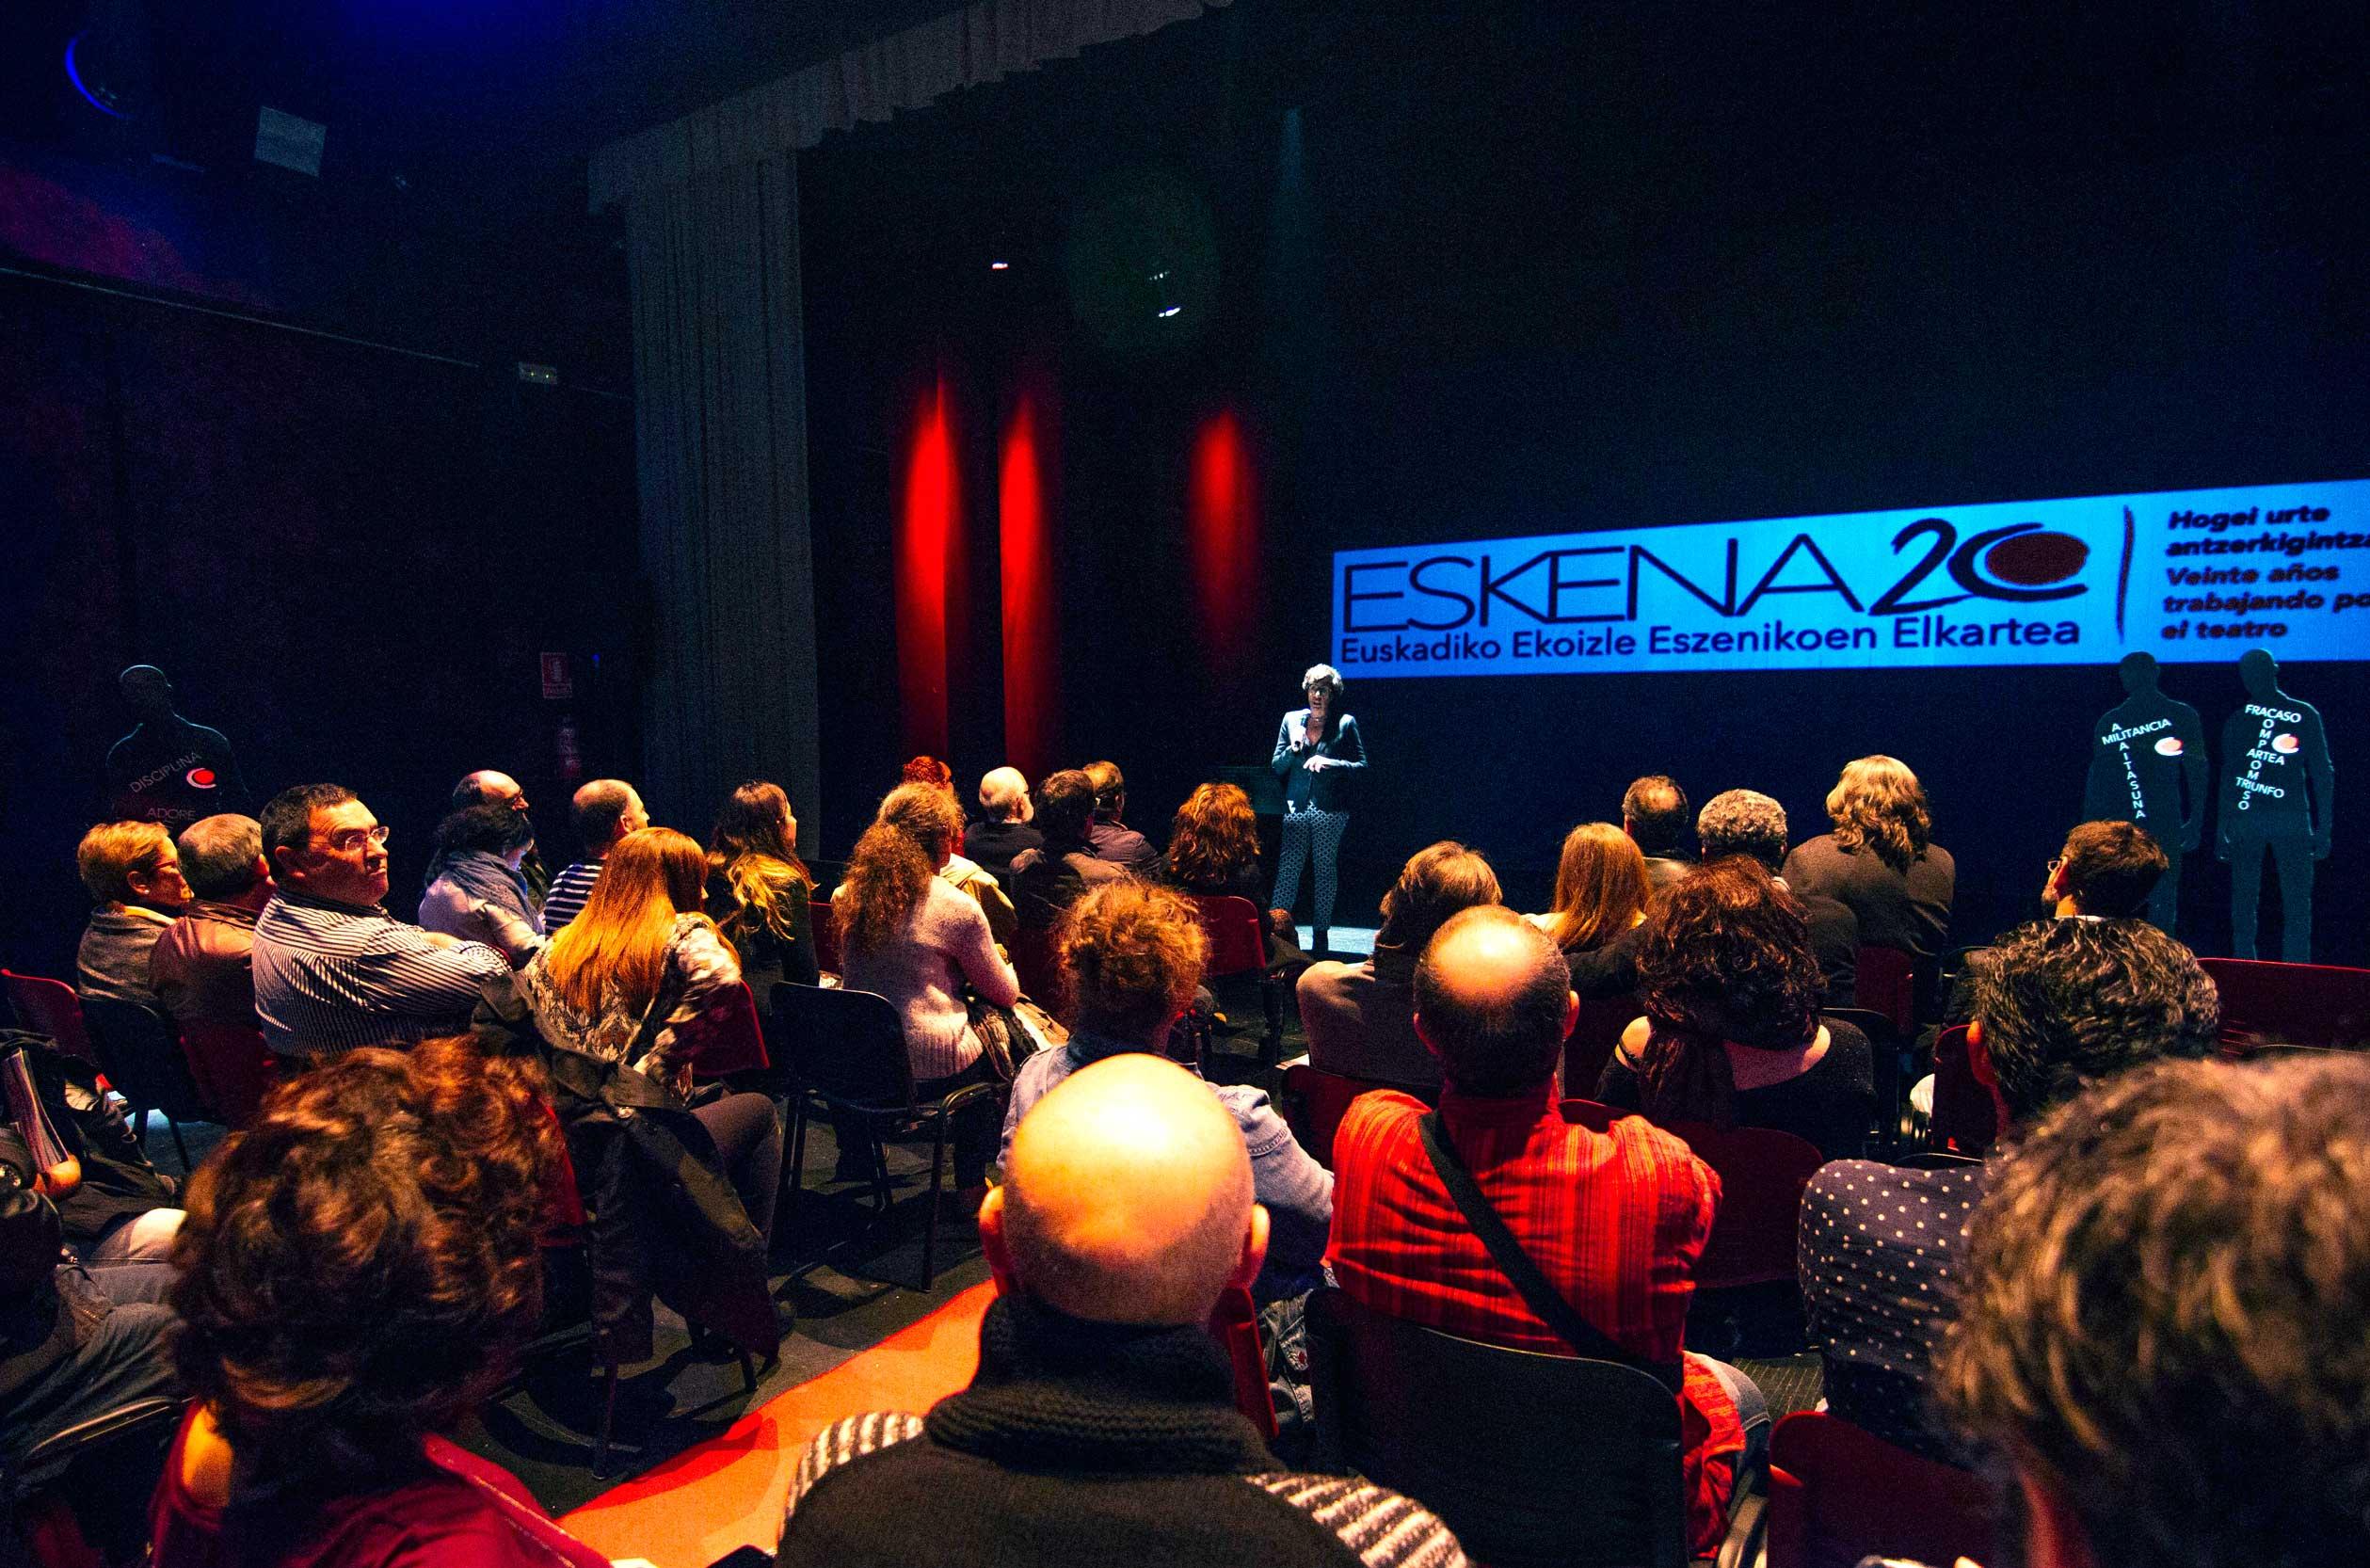 Eskena representando el teatro vasco